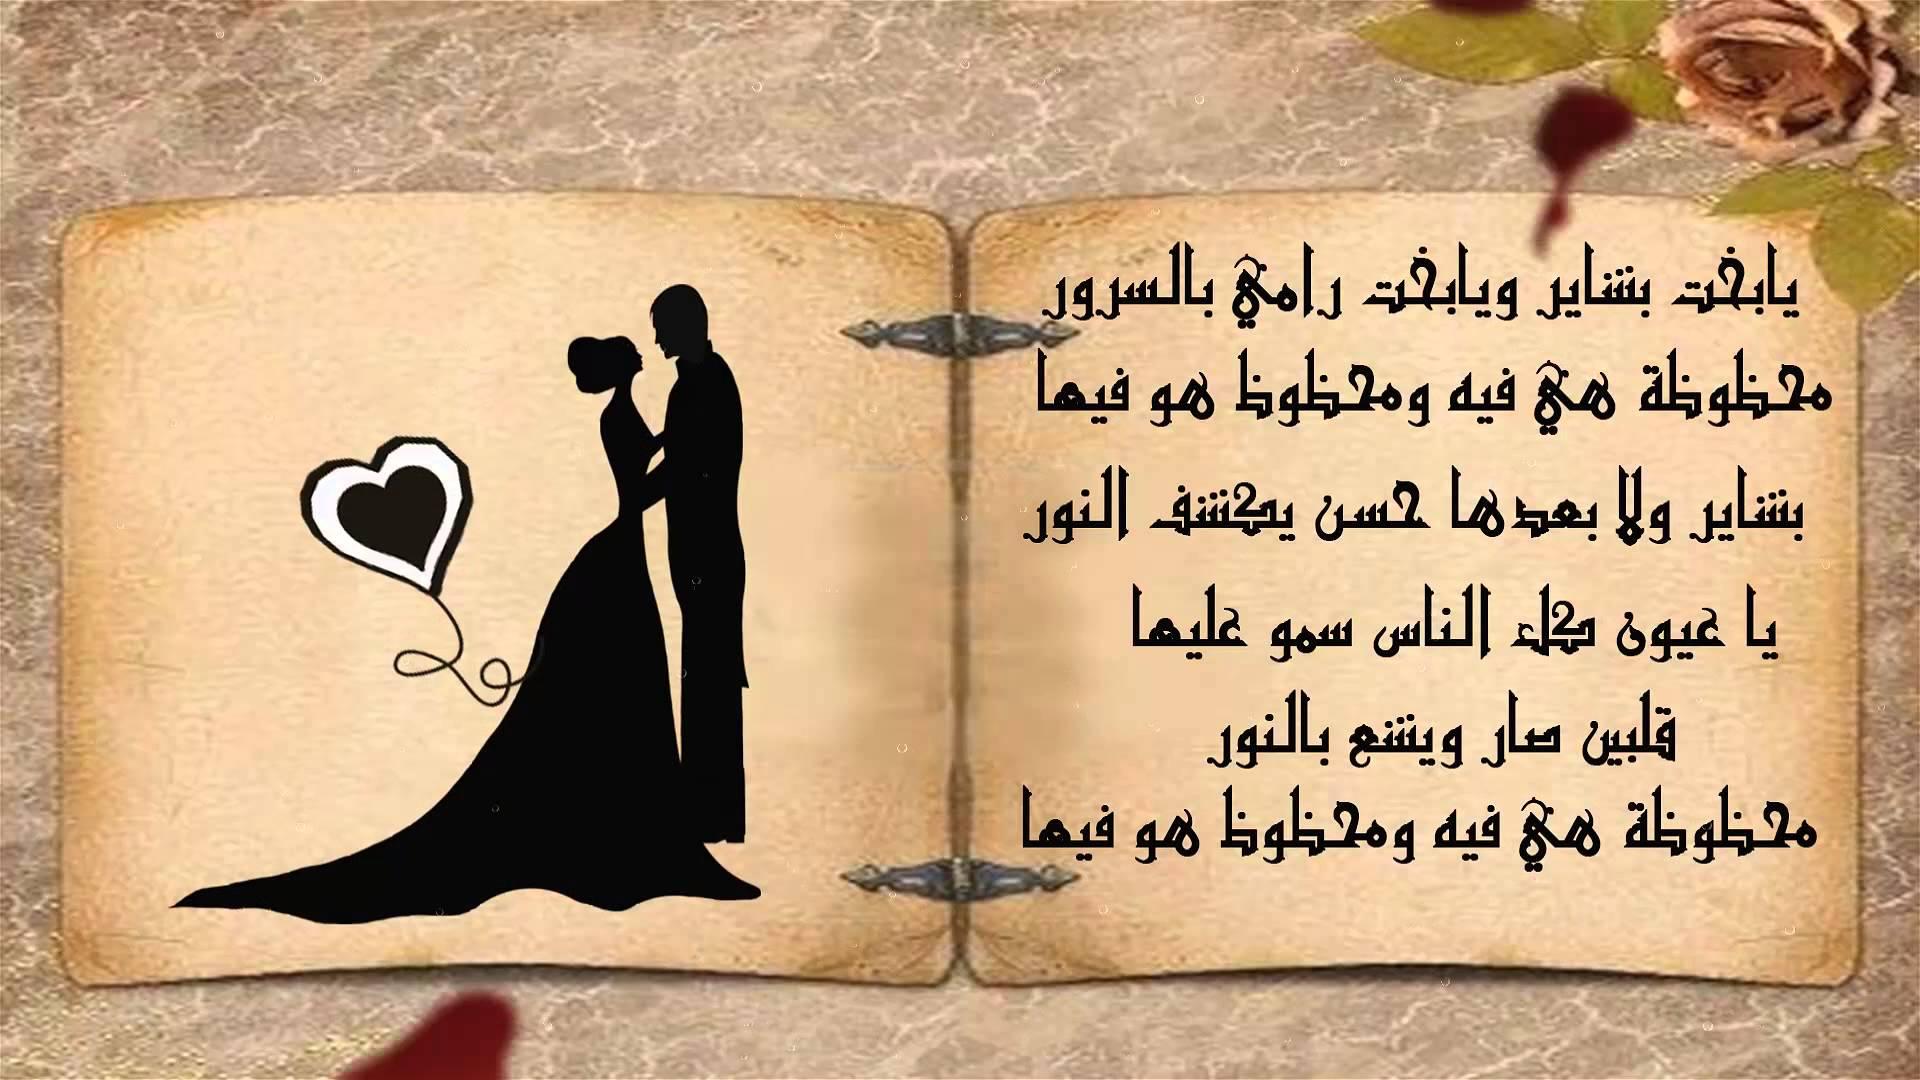 بالصور عبارات تهنئه للعروس للواتس , التهانى فى الافراح وماذا يقال 5438 9